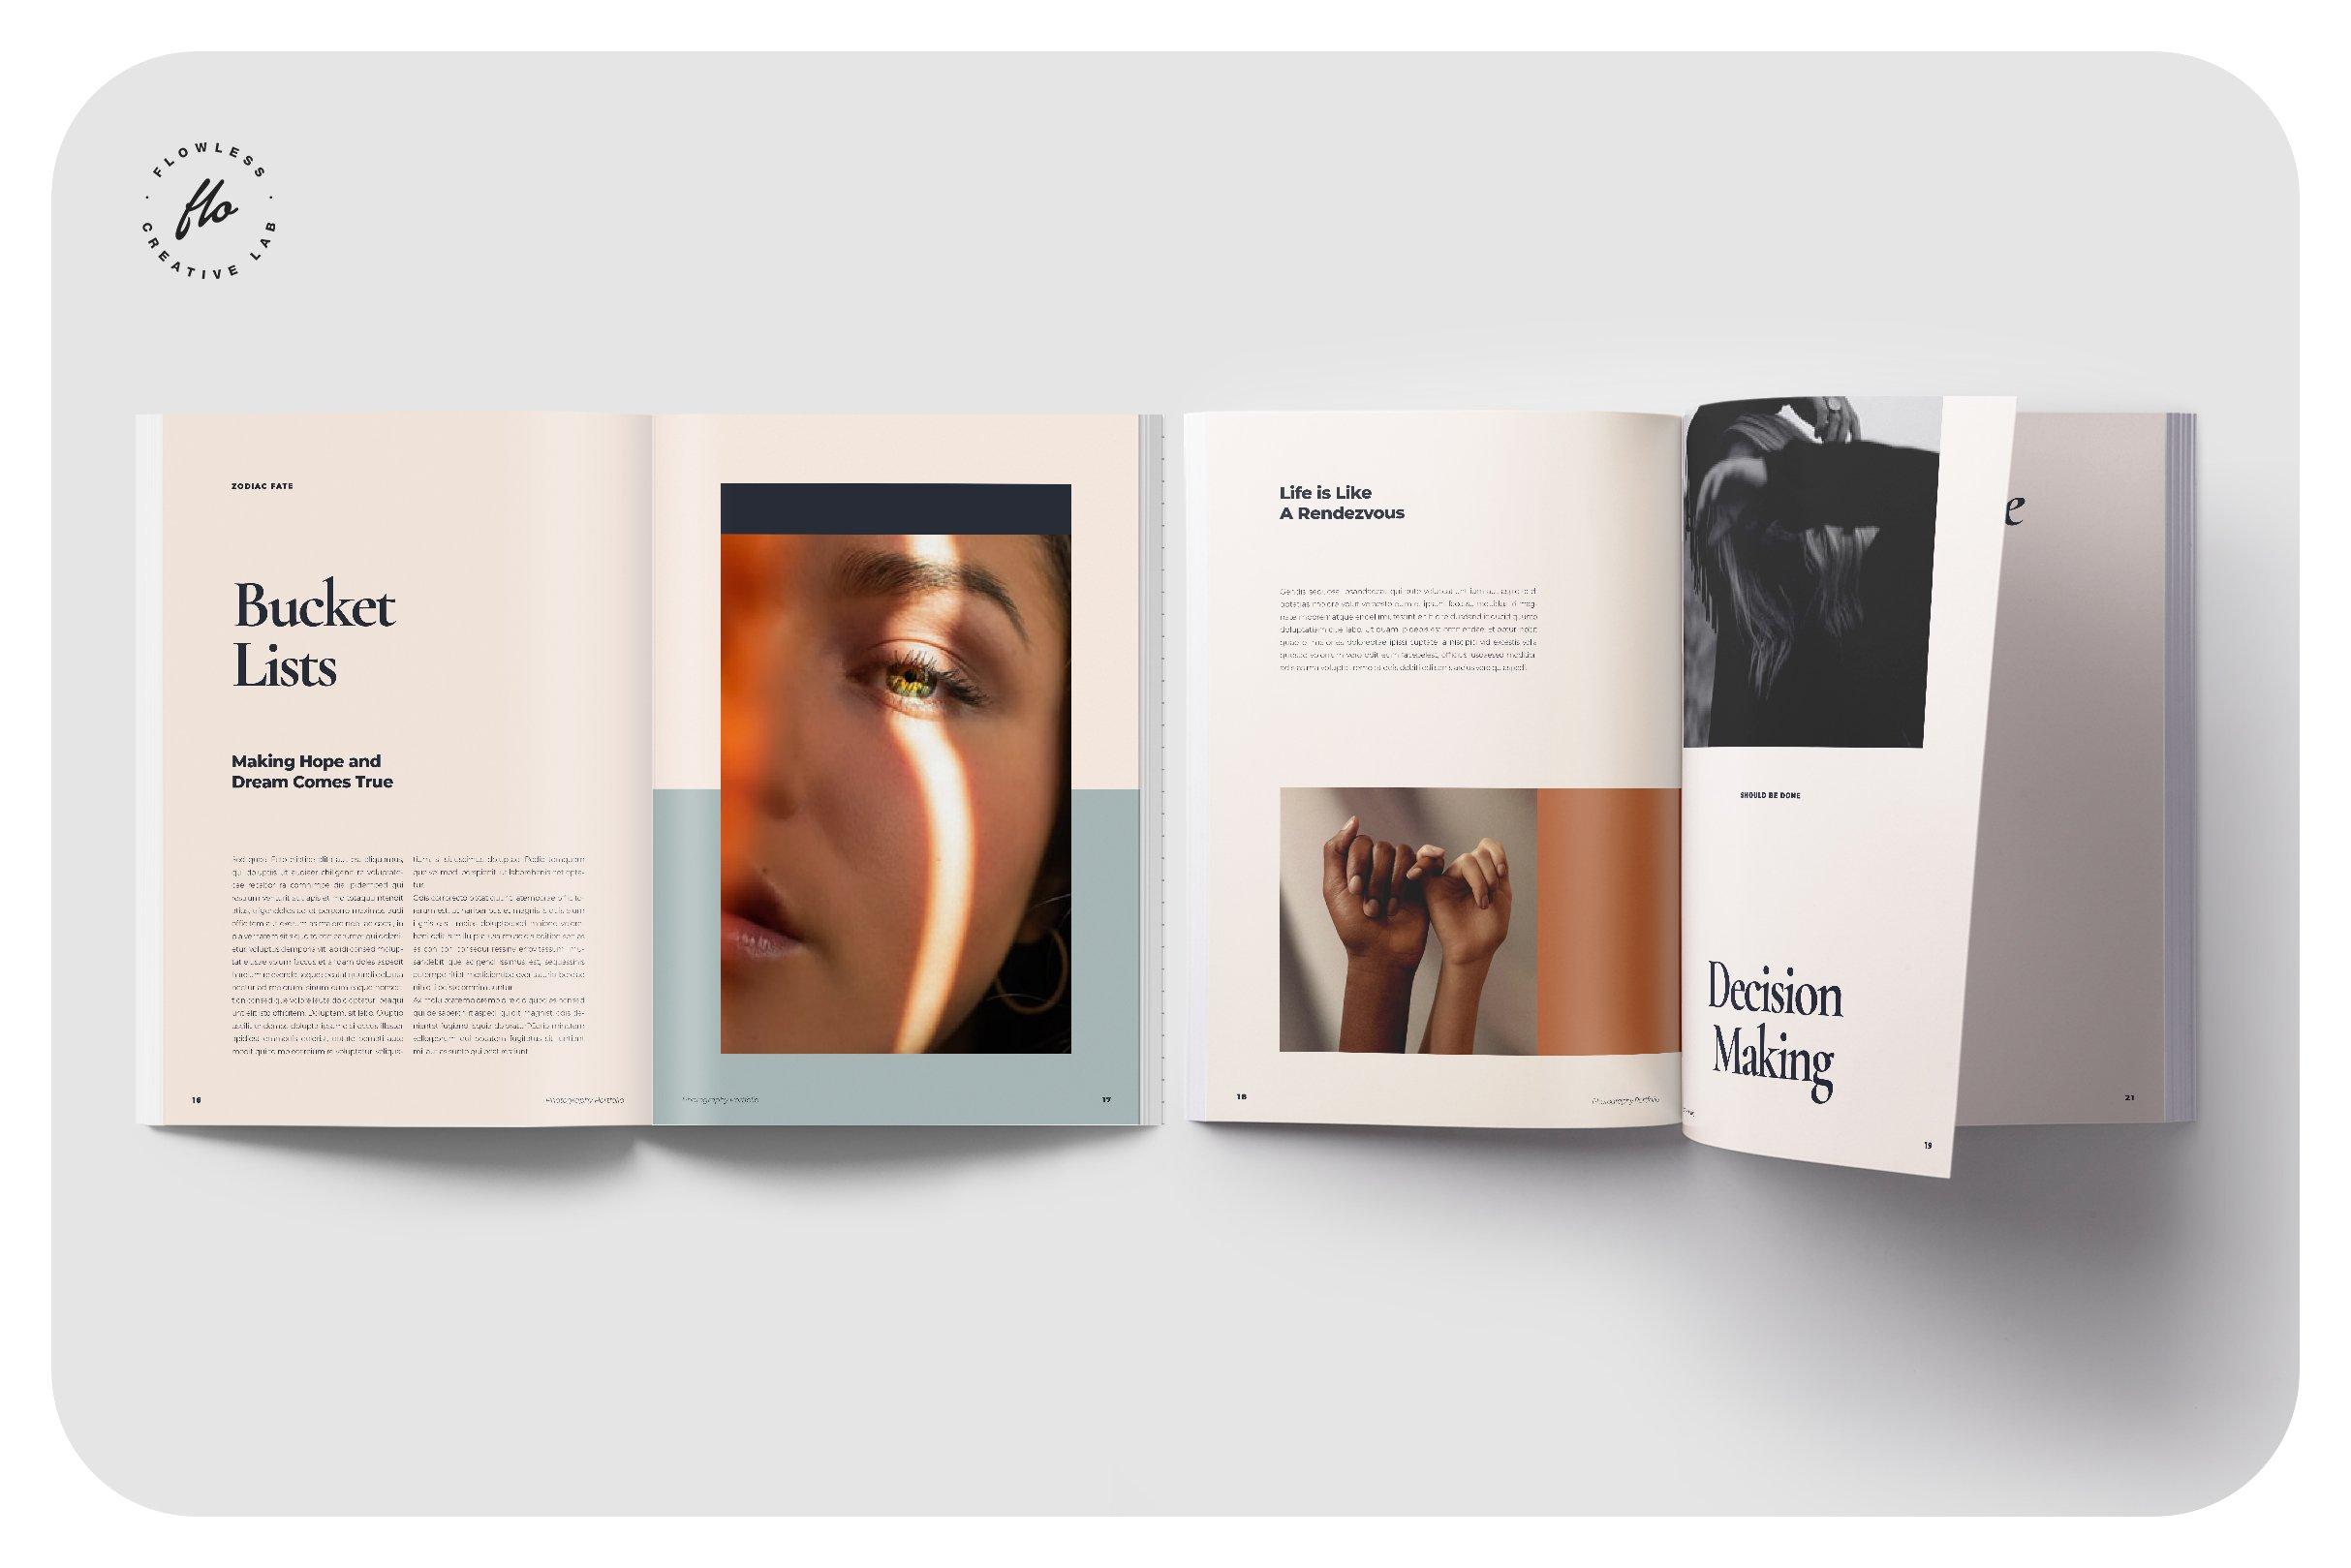 现代优雅摄影作品集图文排版设计INDD画册模板 BALLARD Photography Portfolio插图(3)